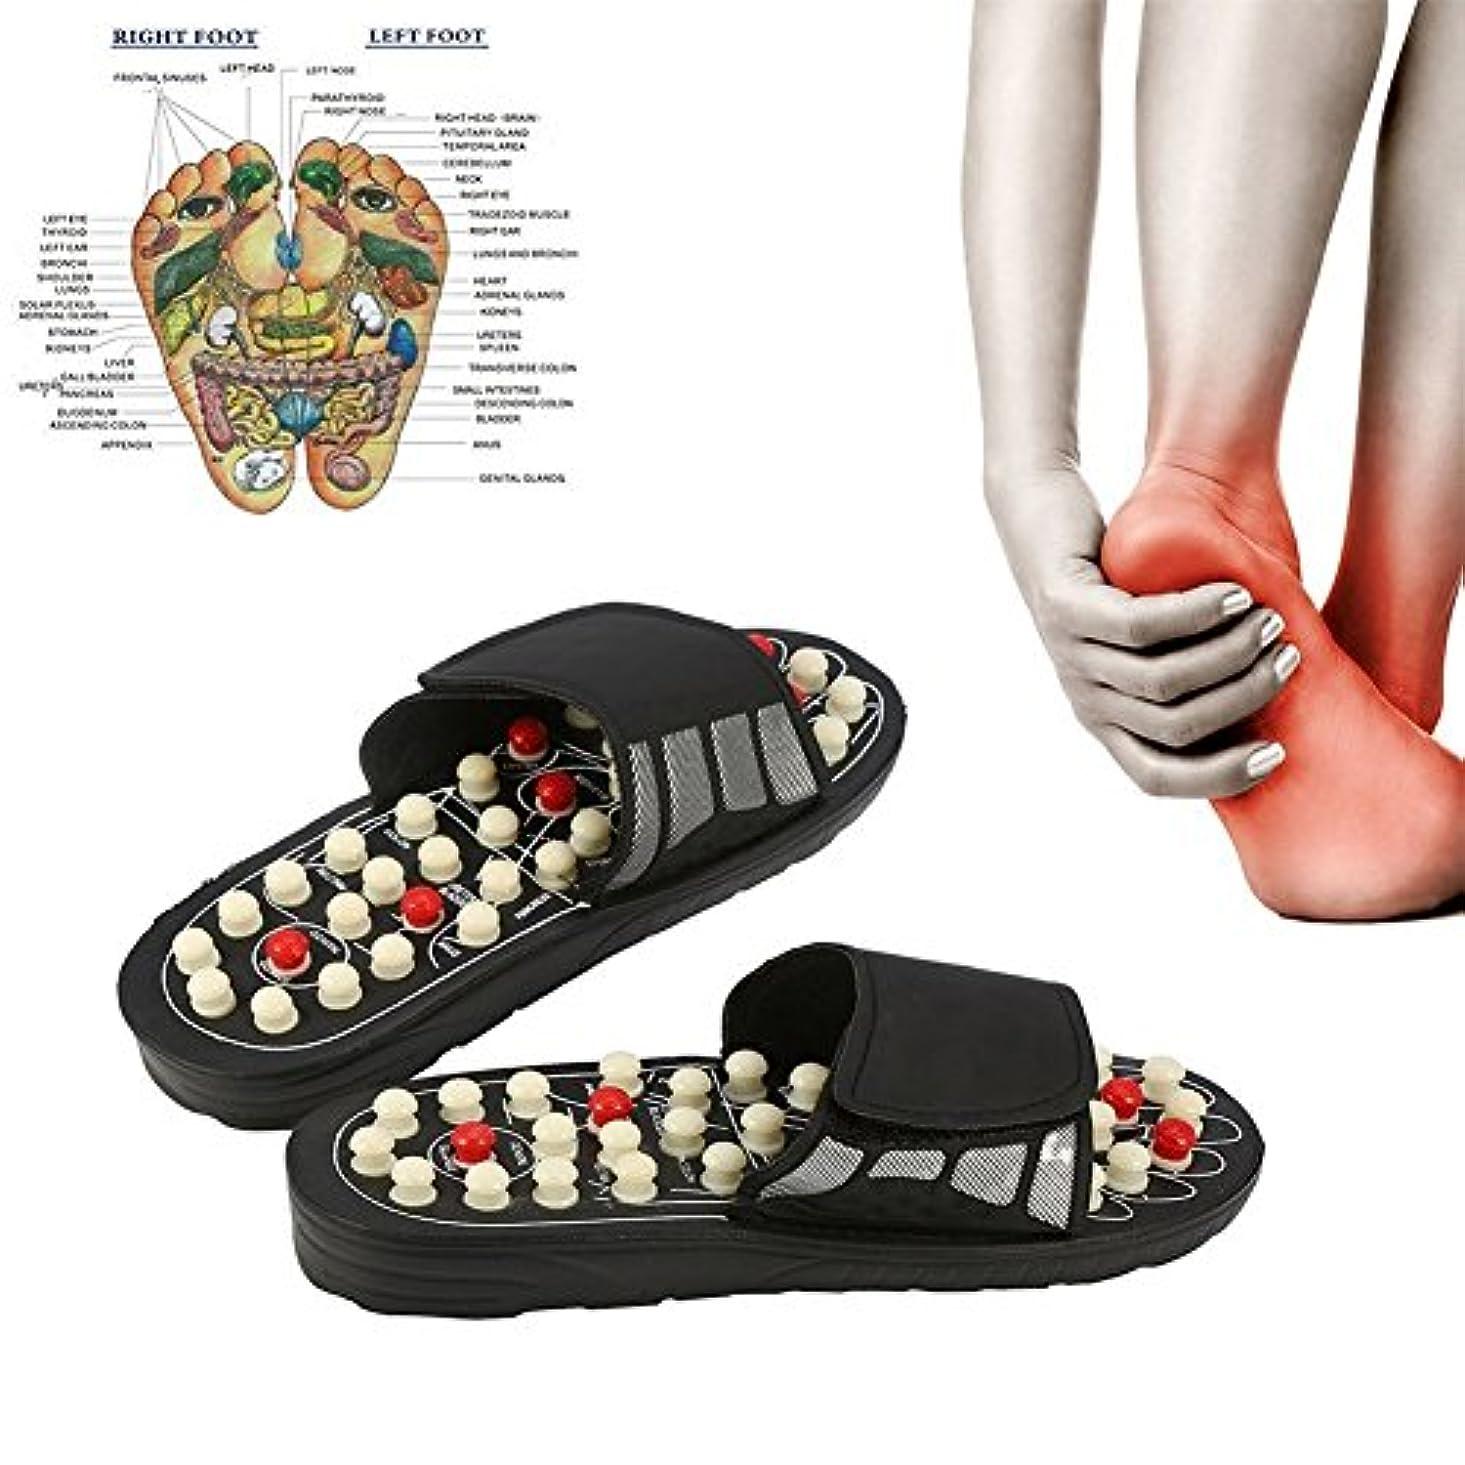 健康サンダル 健康スリッパ マッサージスリッパ 足つぼ ツボ押し ツボを刺激 リフレクソロジー 指圧 調節可能 (38-39)